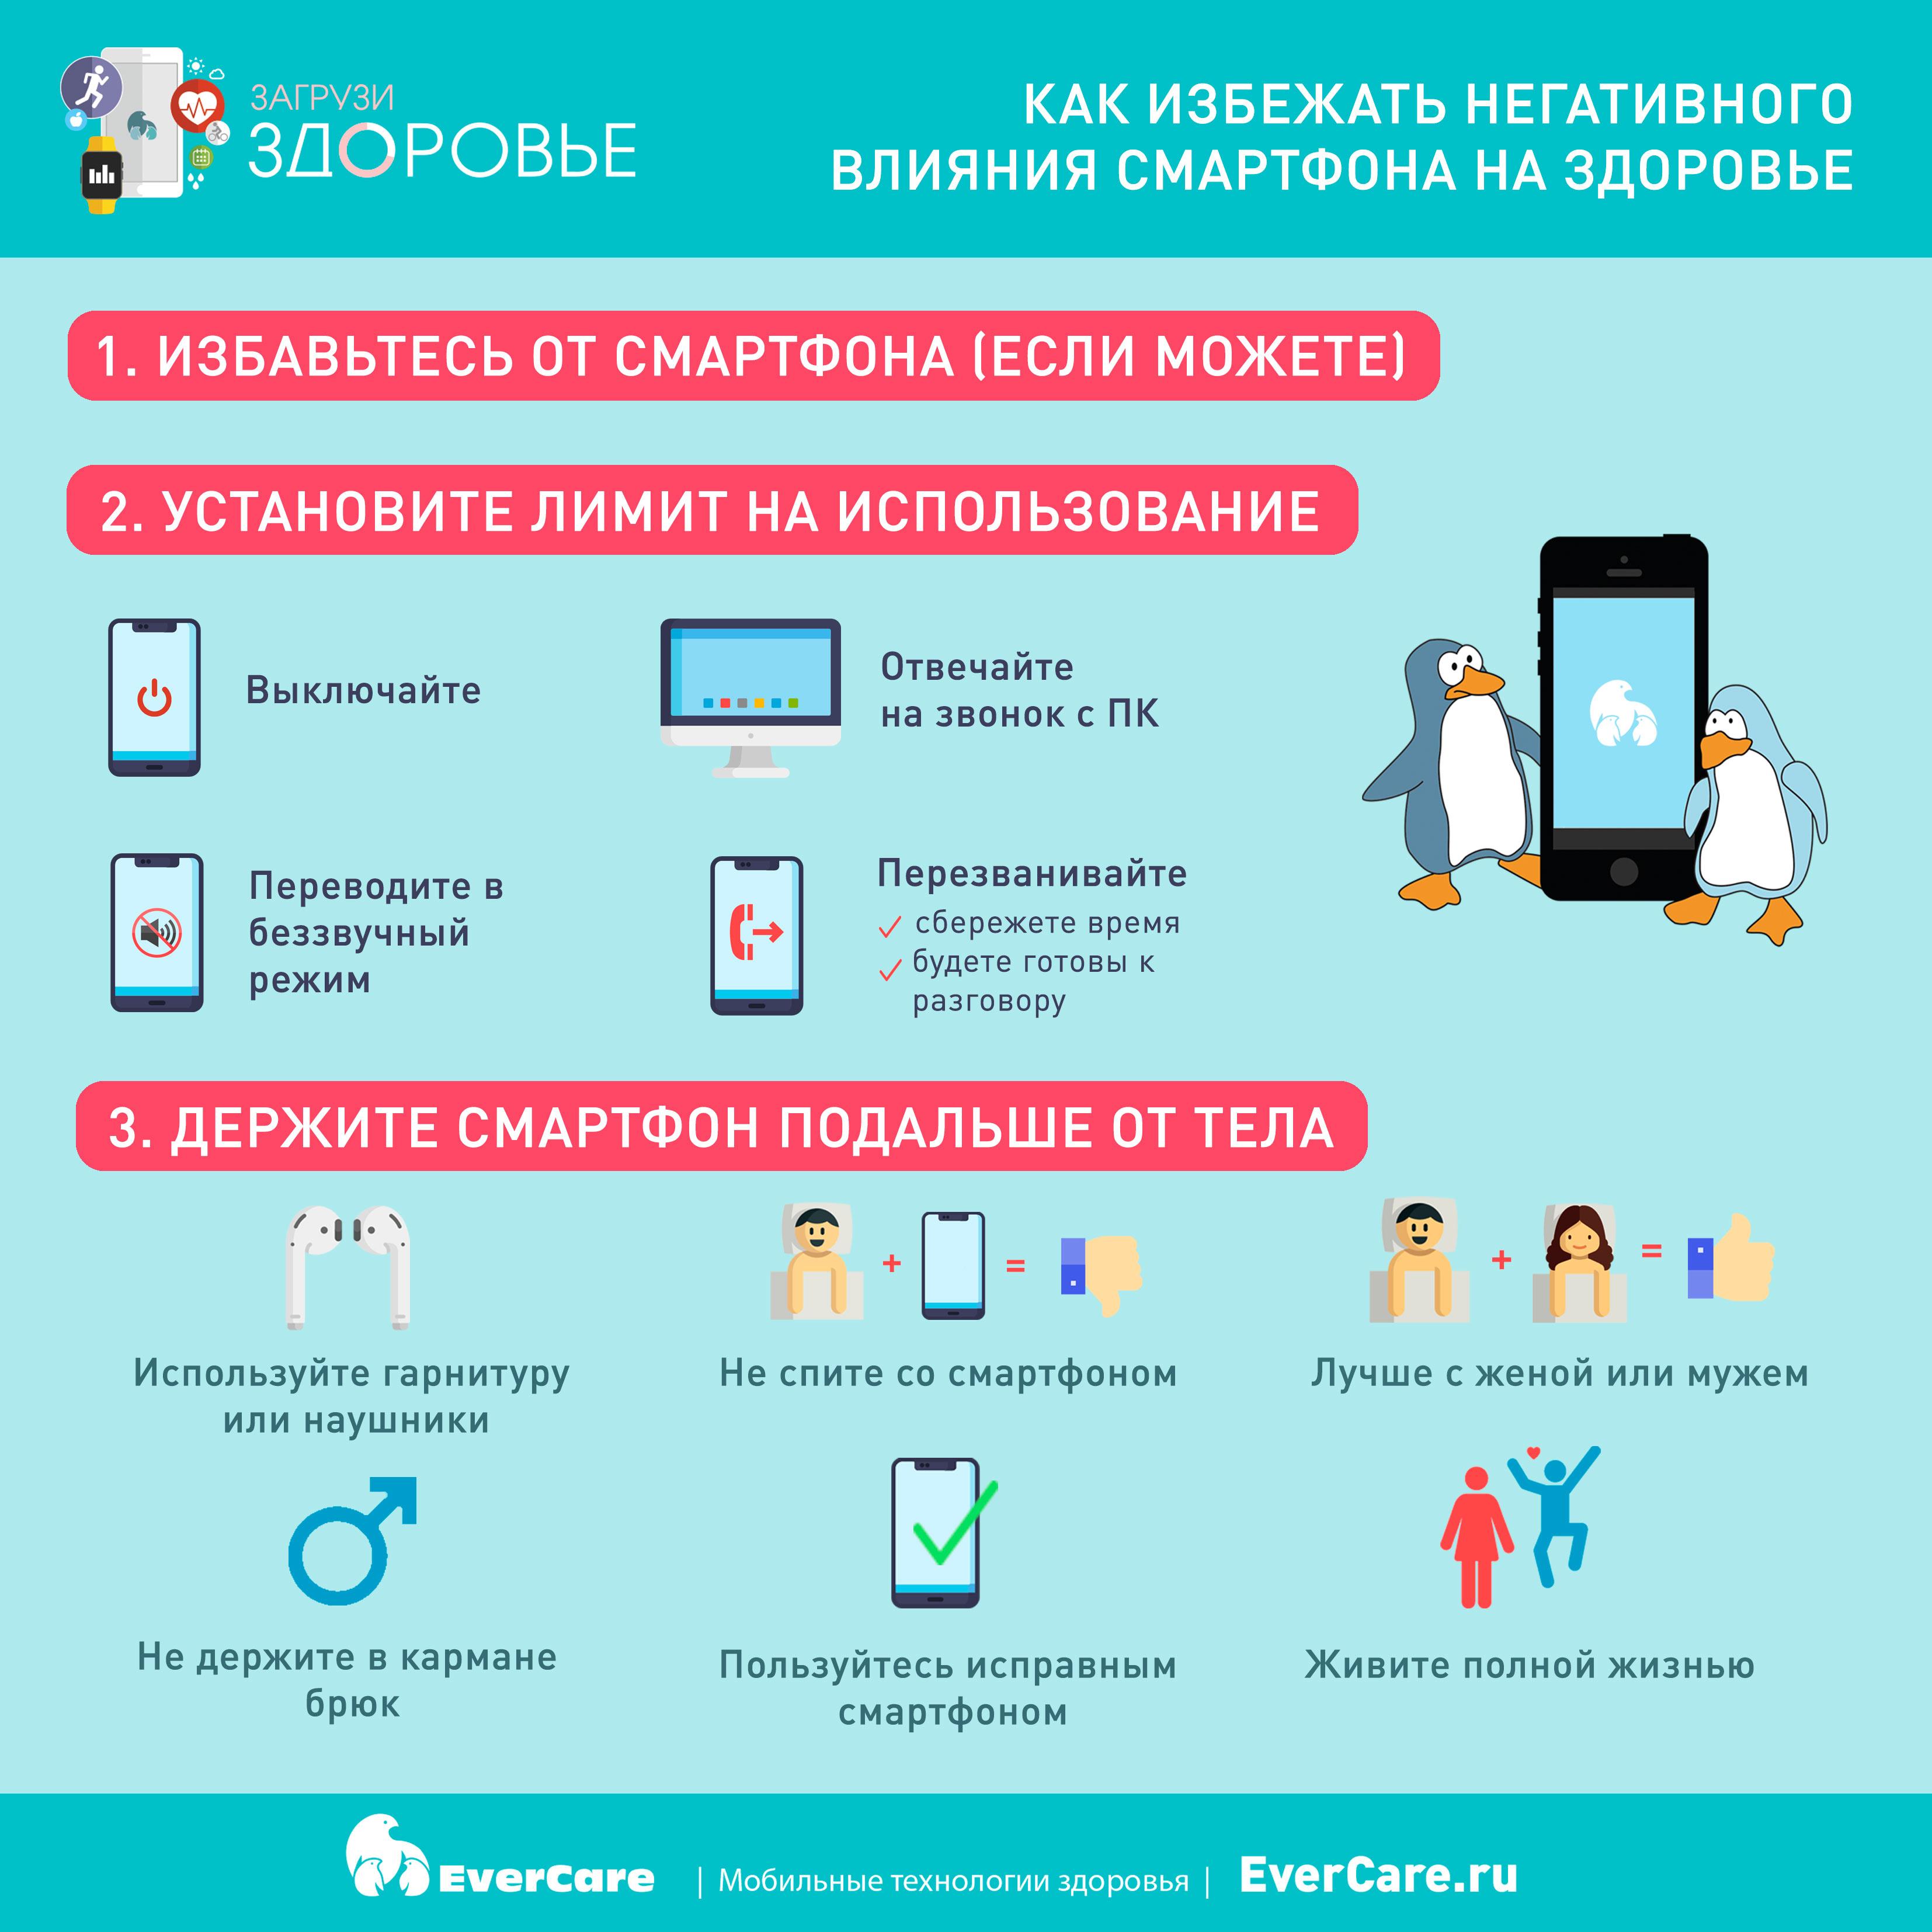 Как избежать негативного влияния на здоровье смартфона, Инфографика